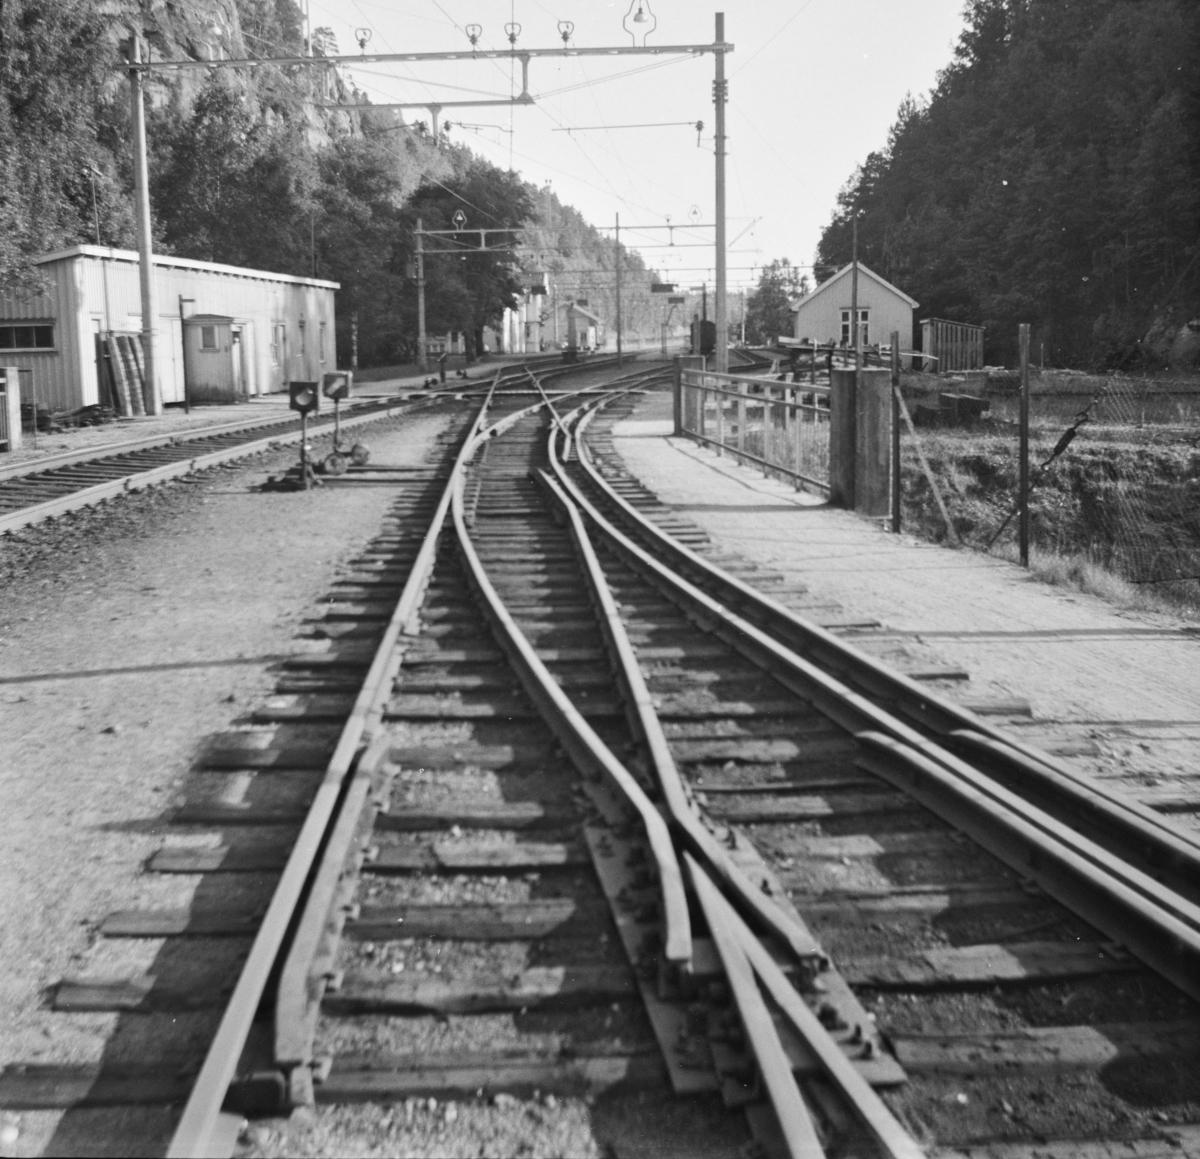 Sporveksel for to sporvidder, 1435 mm (normalspor) og 1067 mm (smalspor) på Grovane stasjon.